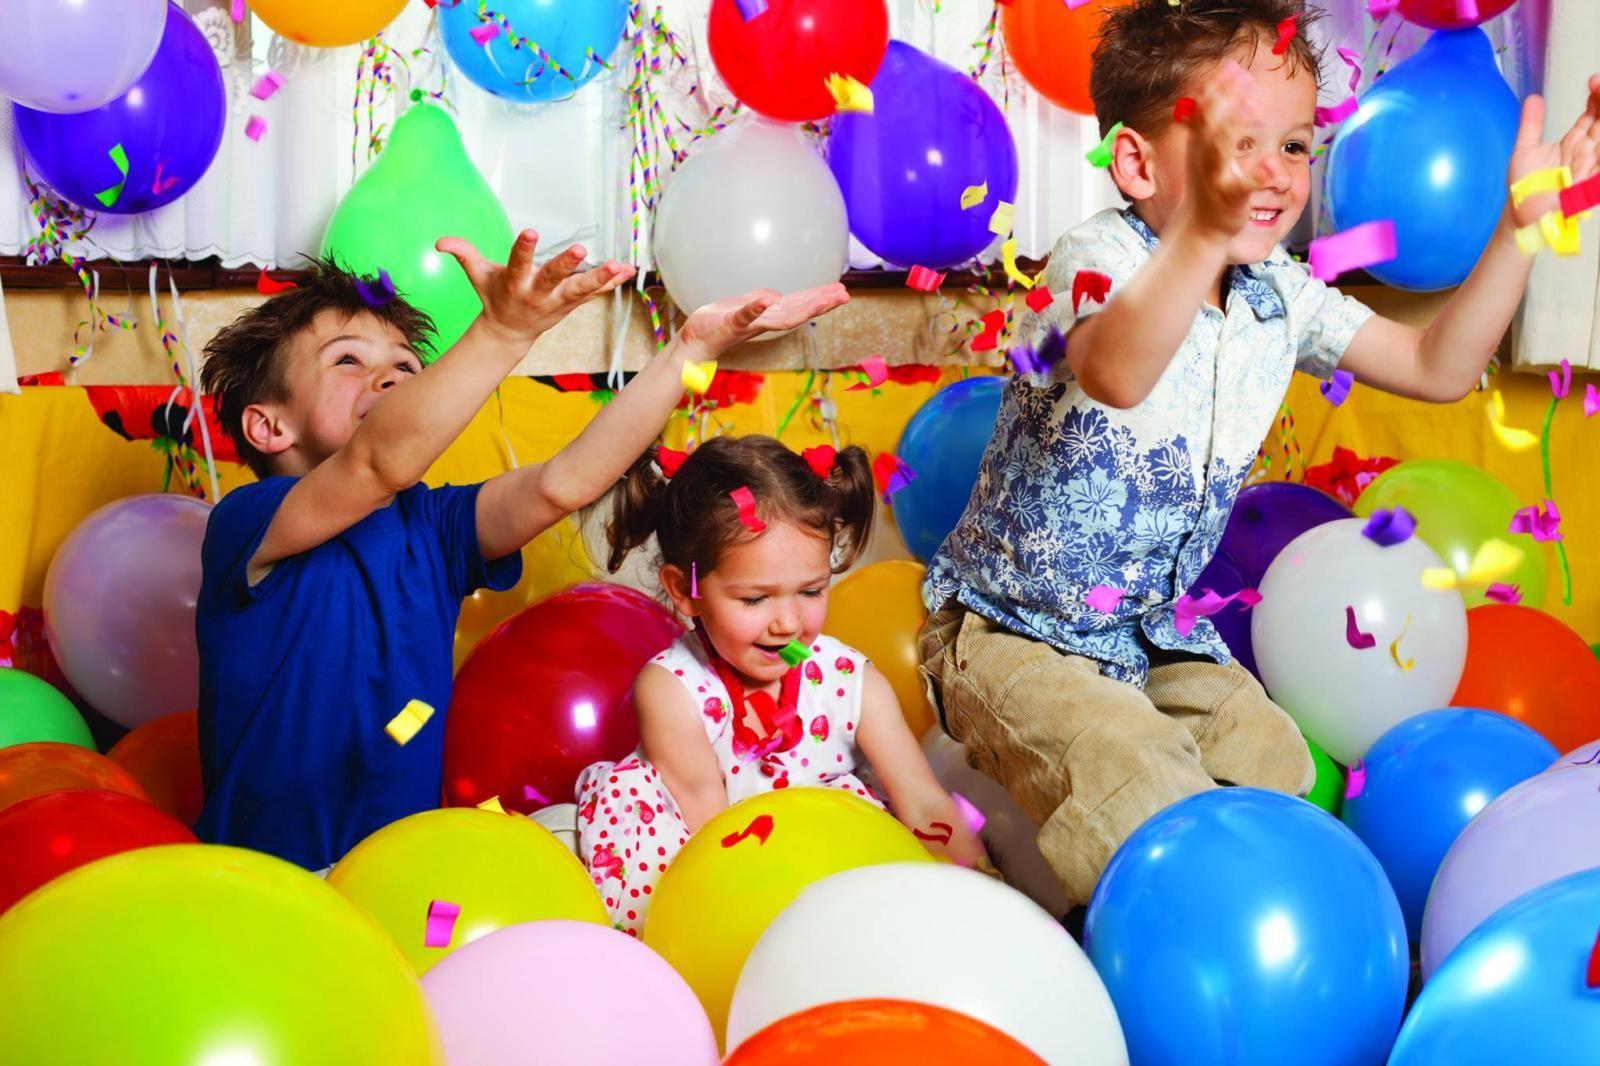 выкройка платья для маленькой девочки на первый день рождения